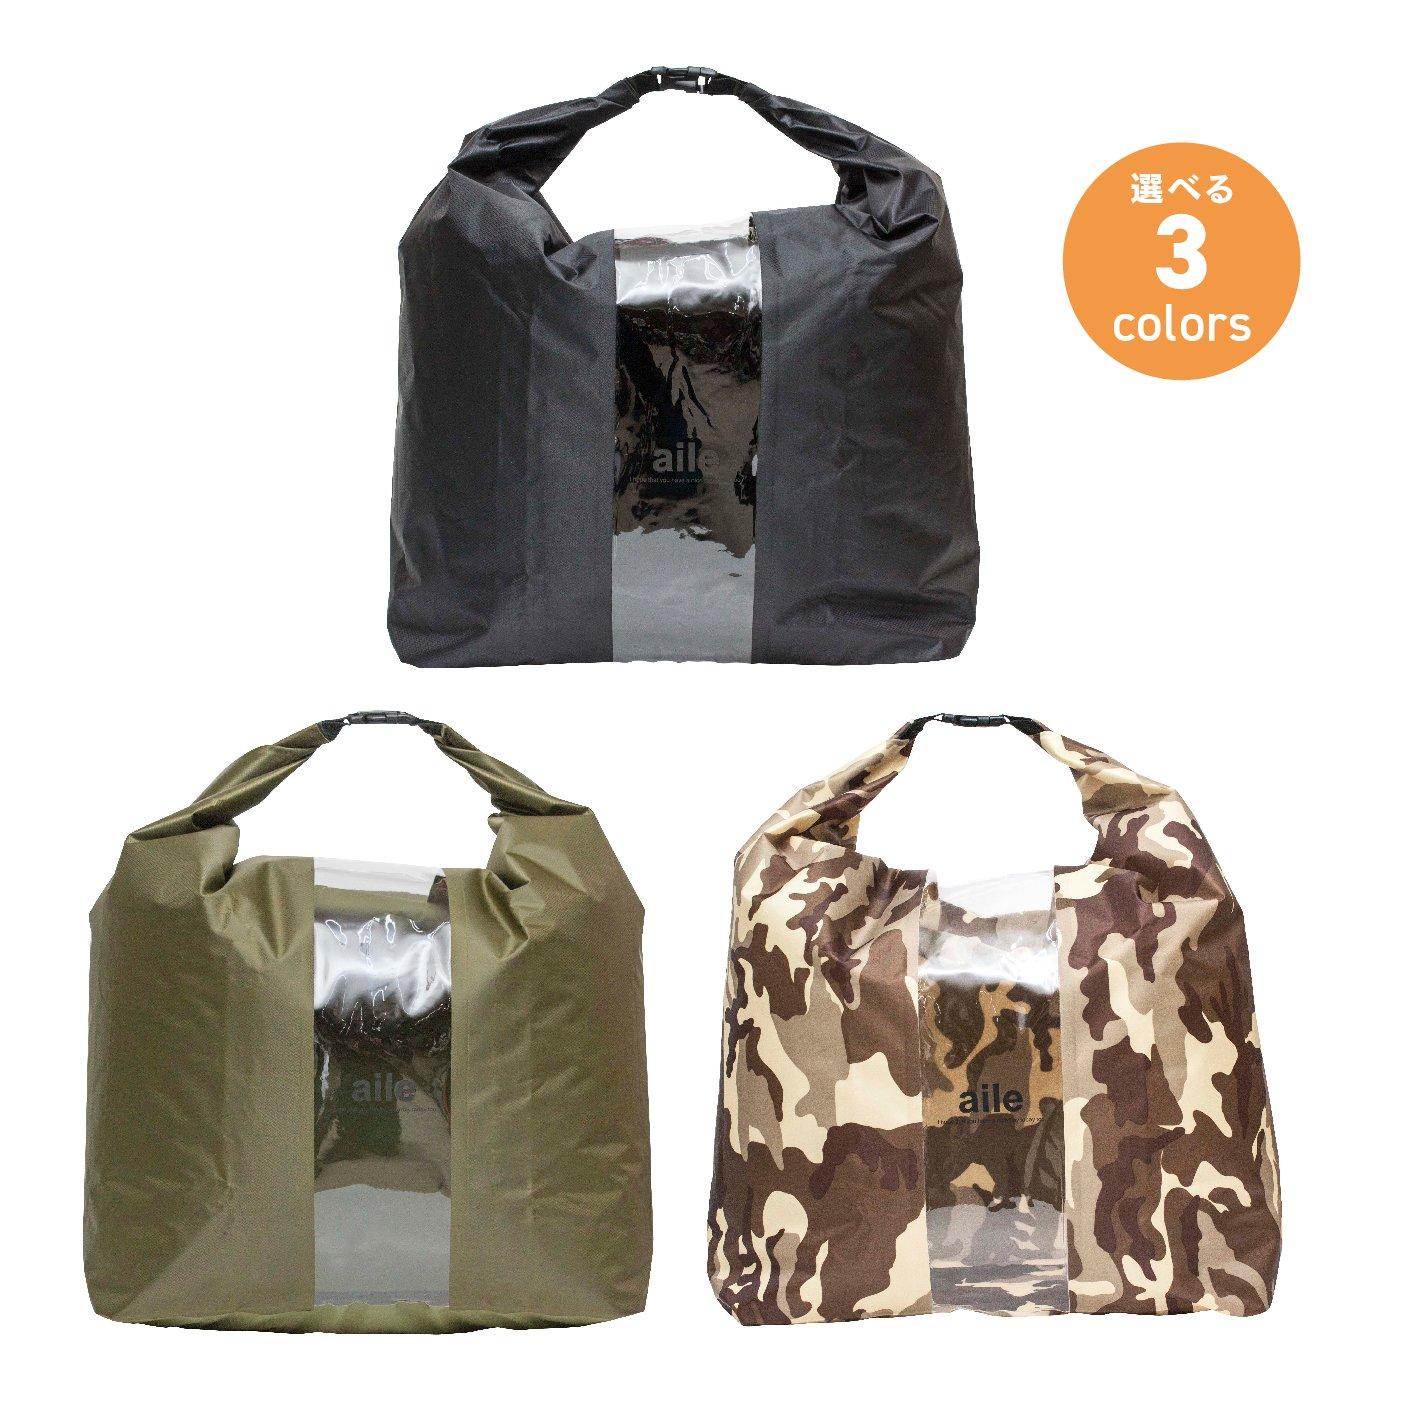 大きなバッグもスッポリ入る!防水仕様のバッグINカバー